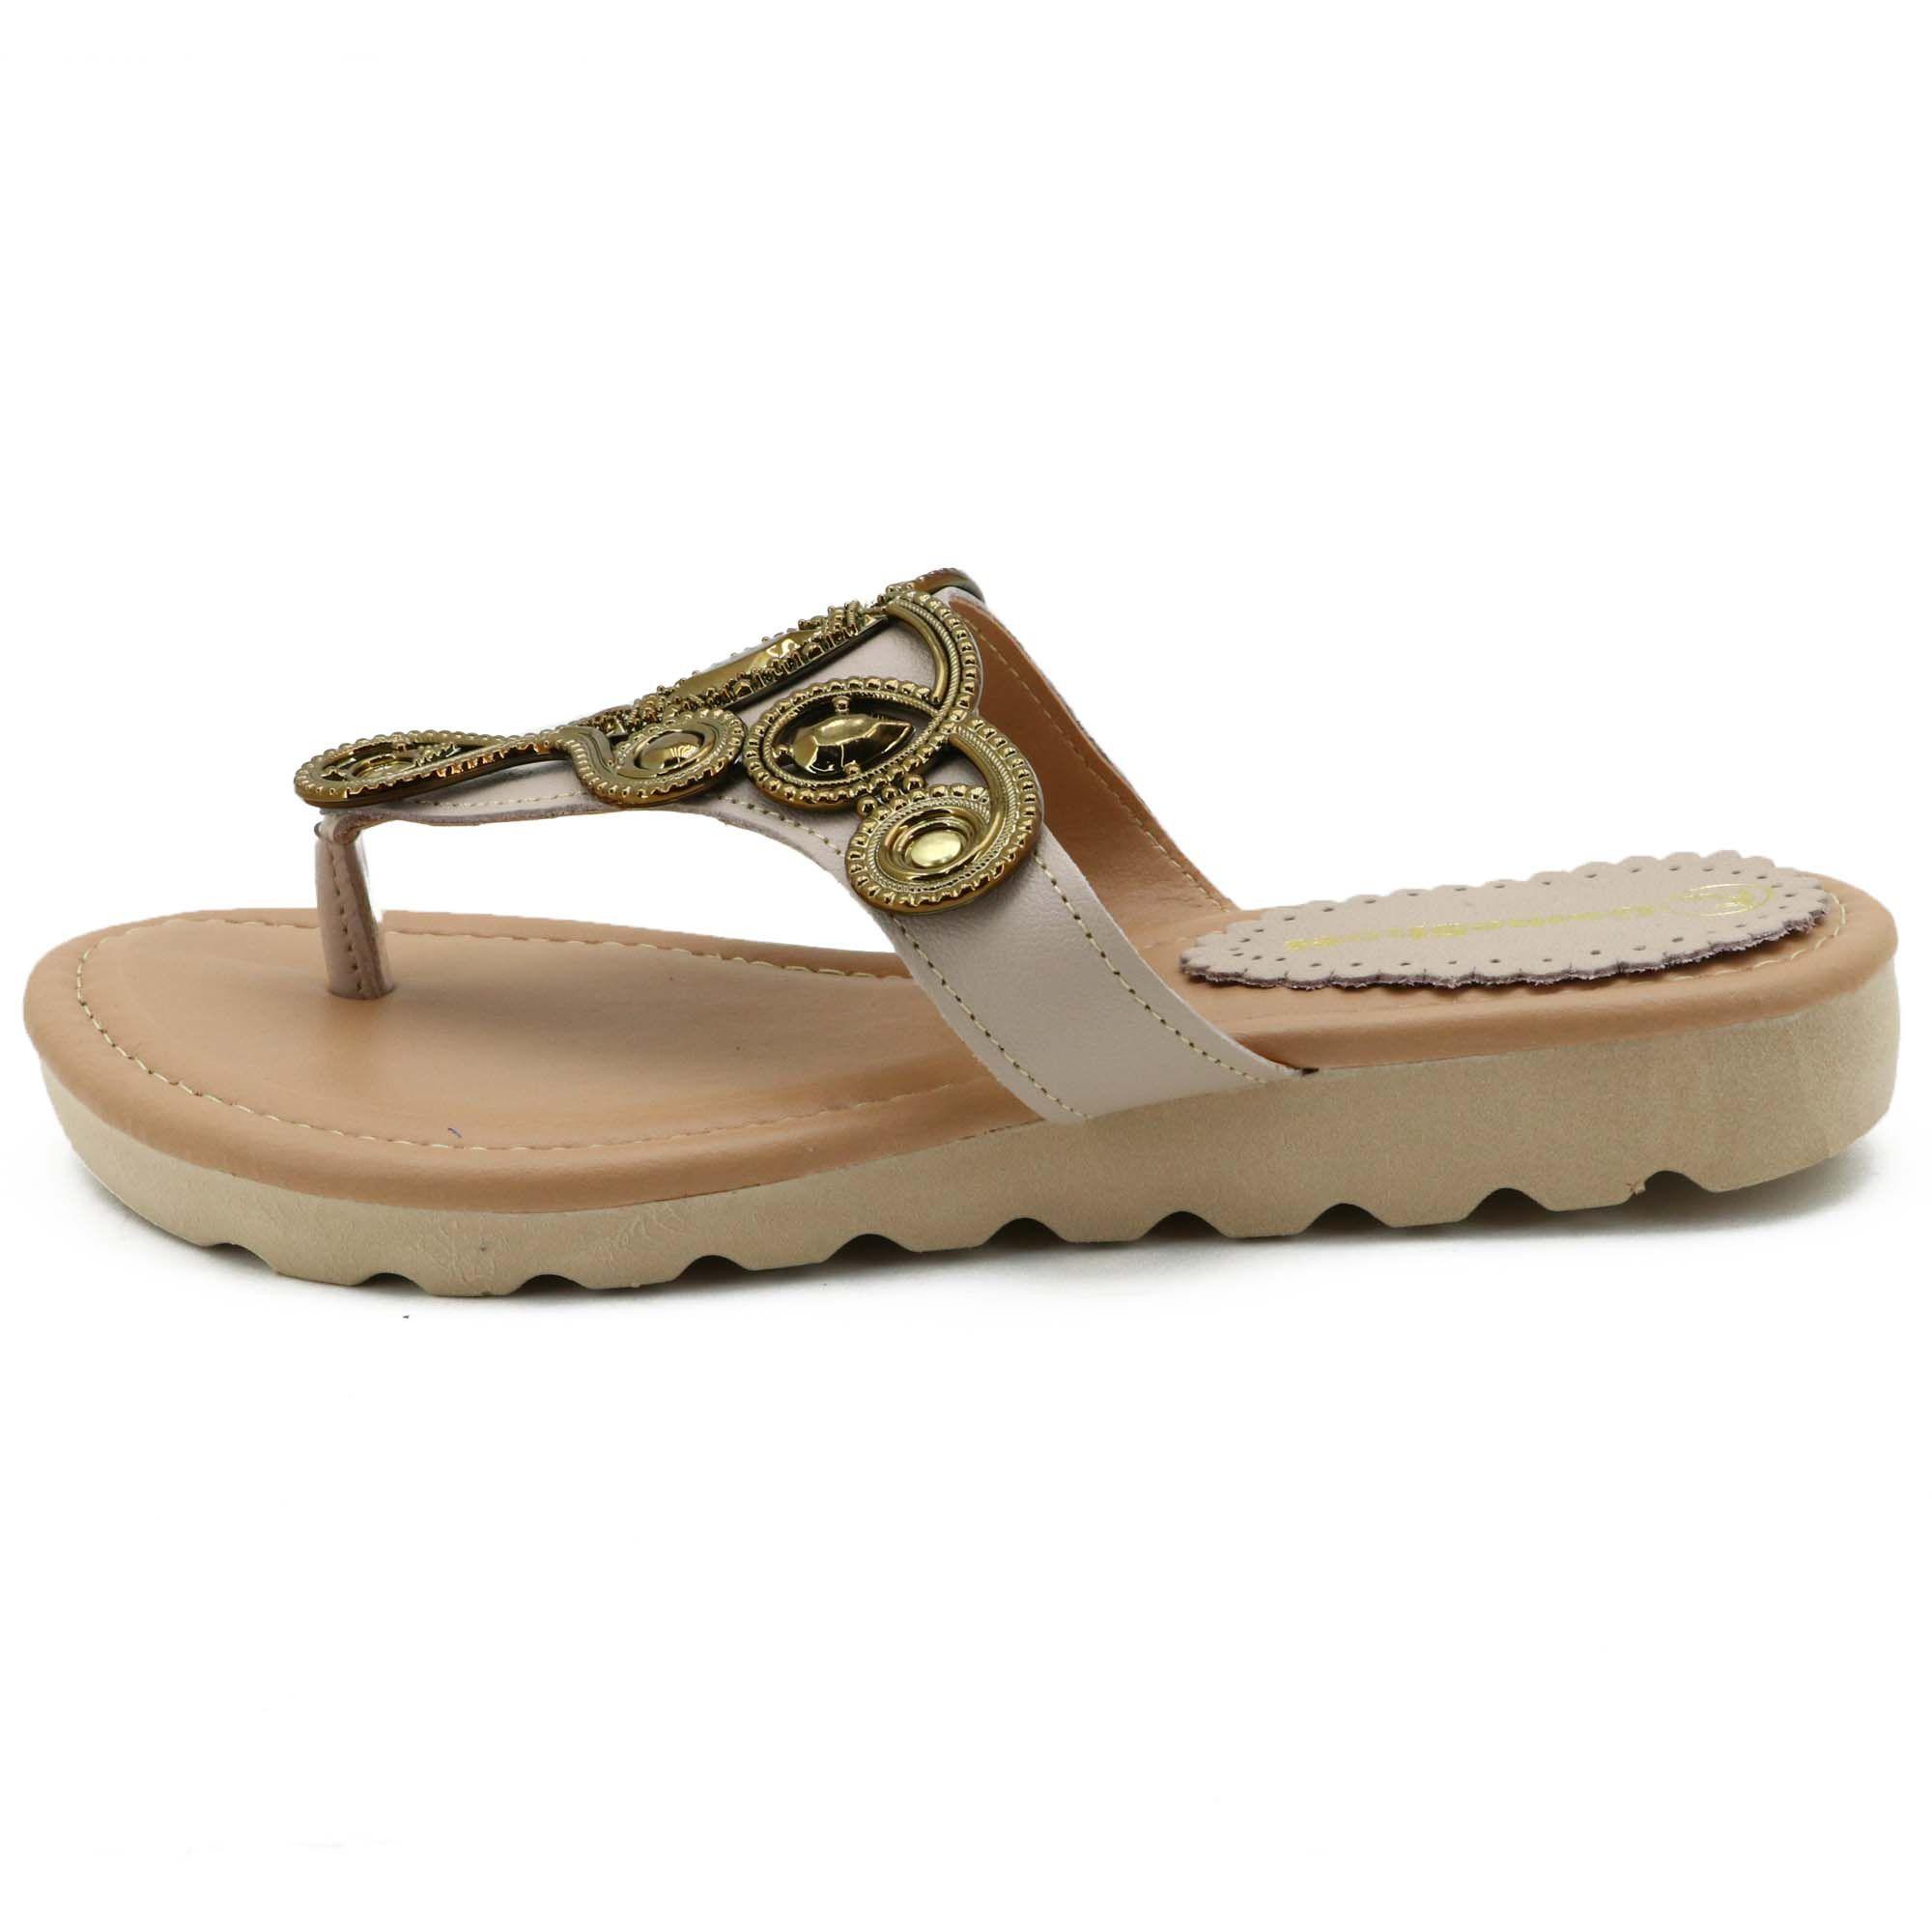 Sandália de dedo feminina em couro legítimo na cor bege com metais na tira 03